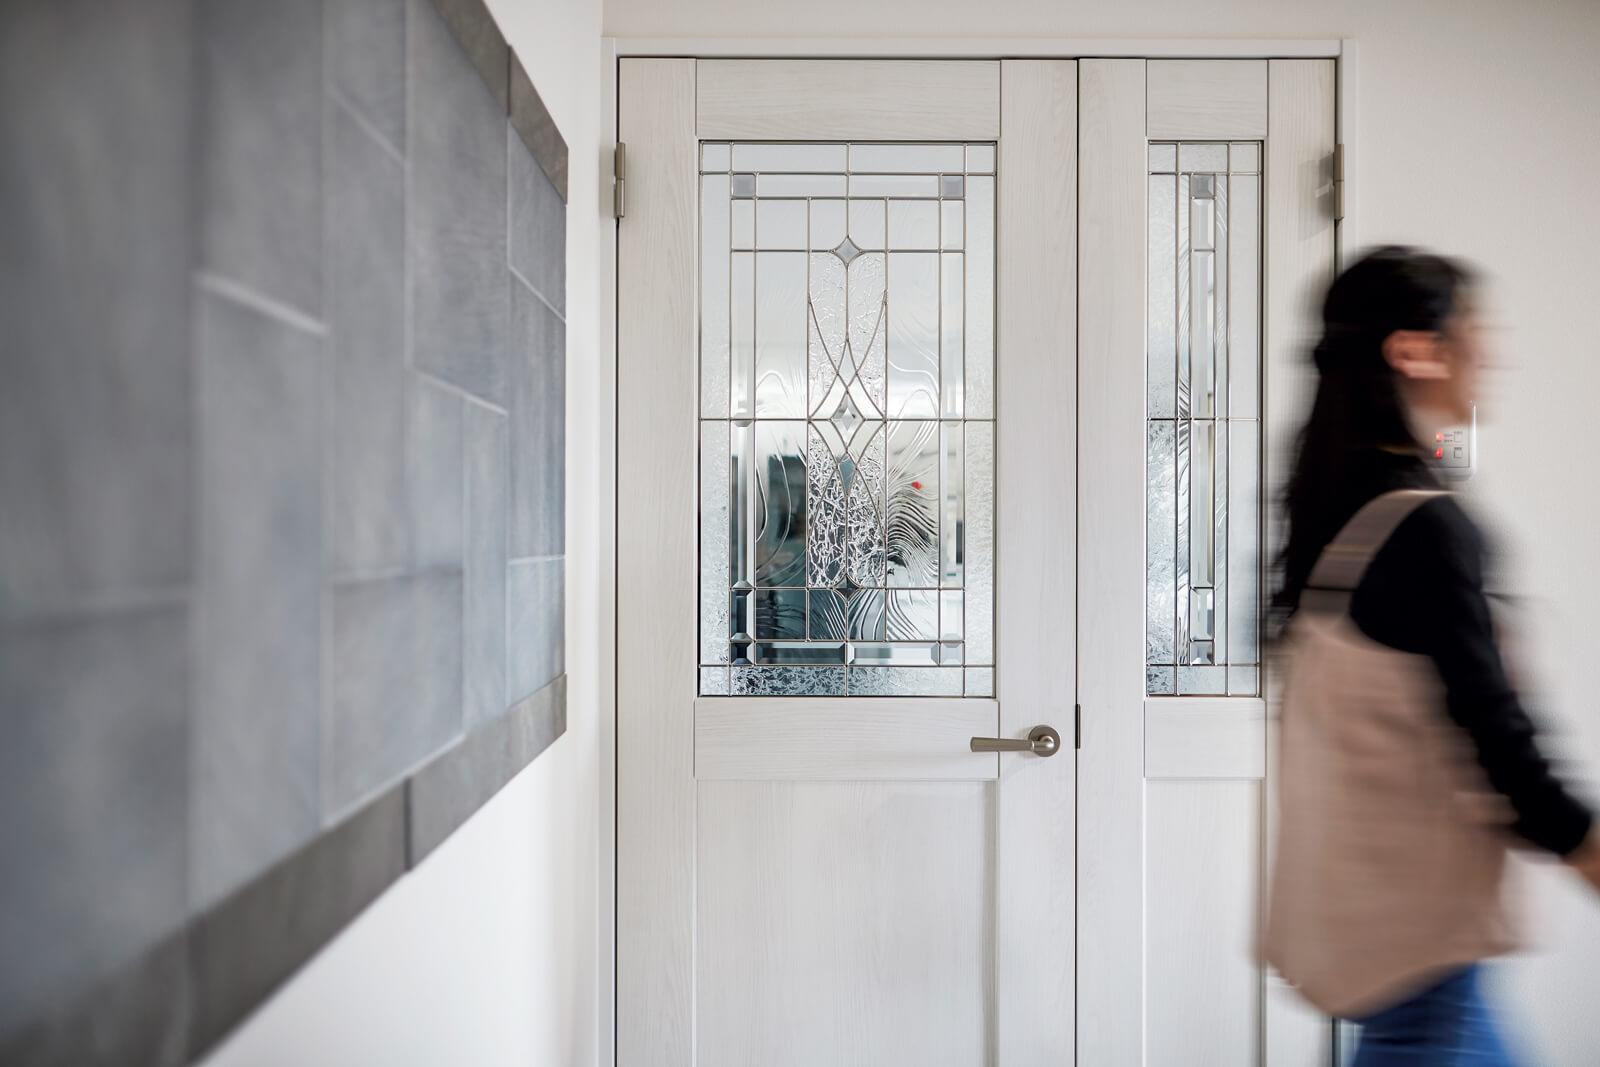 ステンドグラスのドアは、リビングの気配を自然に滲ませている。玄関でフェレットを飼っているため、左手の壁はエコカラットを採用。デザインのアクセントにもなっている